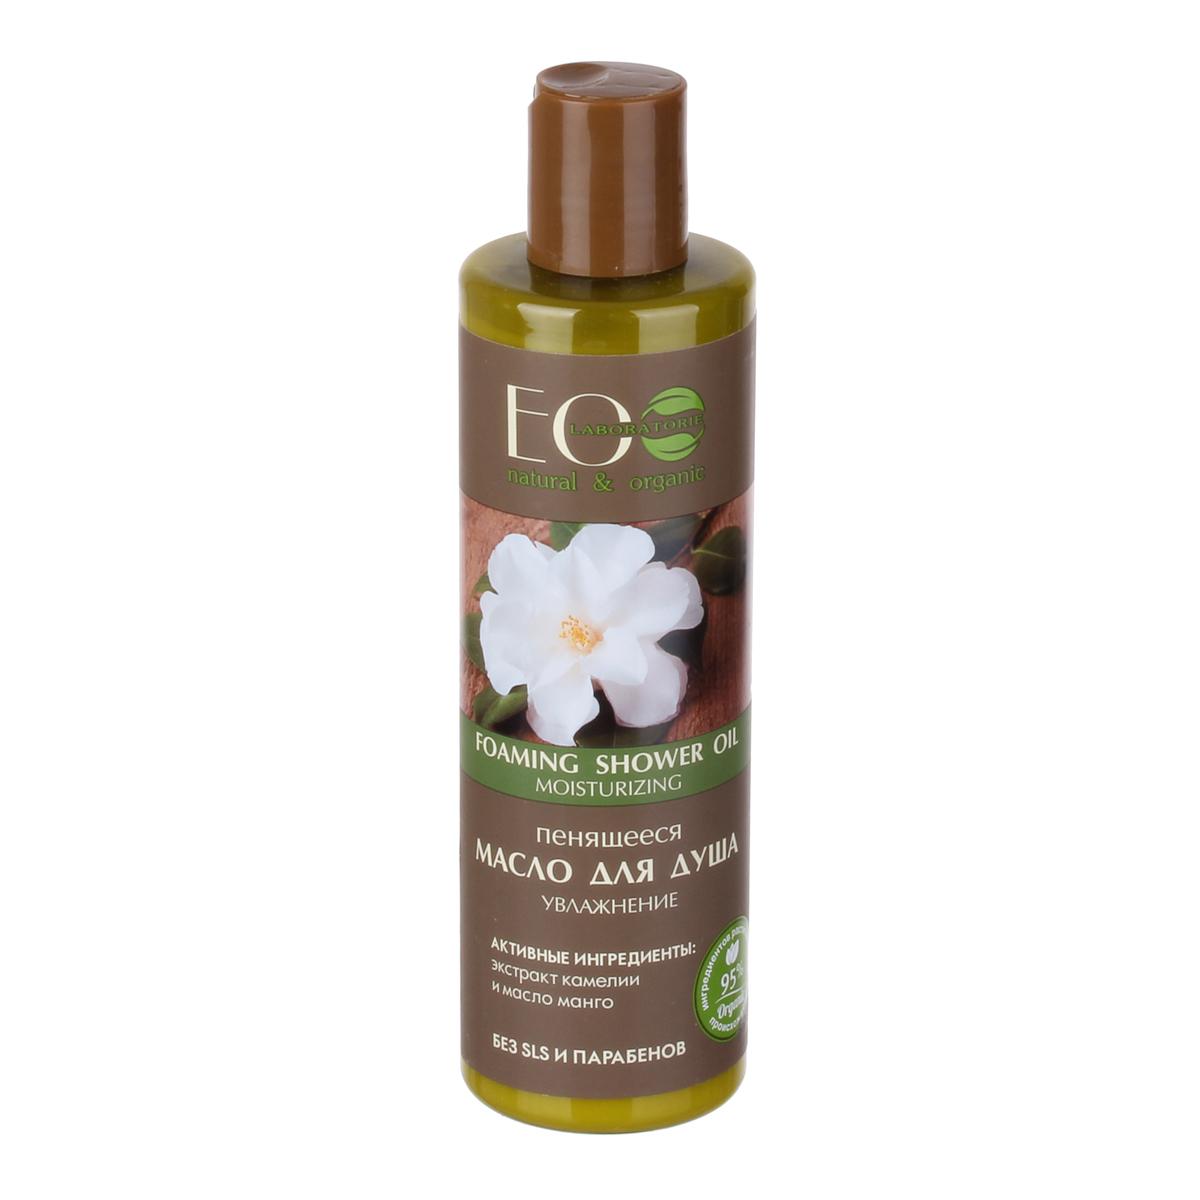 EcoLab ЭкоЛаб Масло пенящееся для душа Увлажнение 250 мл4627089430748Прекрасно очищает, питает и увлажняет кожу. Защищает ее от вредного воздействия окружающей среды.Придает коже упругость и эластичность, а также бархатистость и мягкость.Активные ингредиенты: масло манго и экстракт камелии